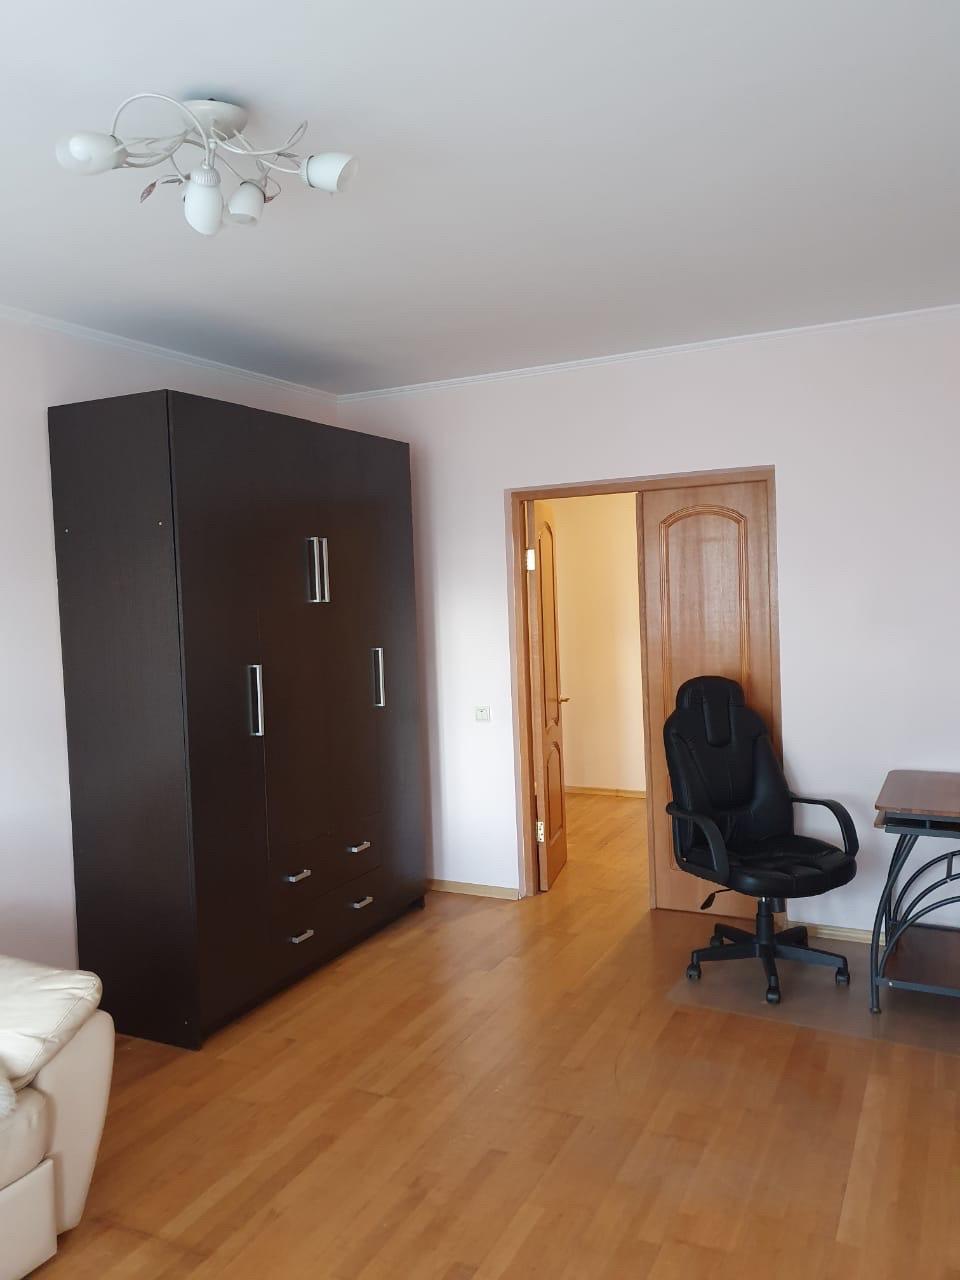 Квартира, 3 комнаты, 76.59 м² в Москве 89032804708 купить 3